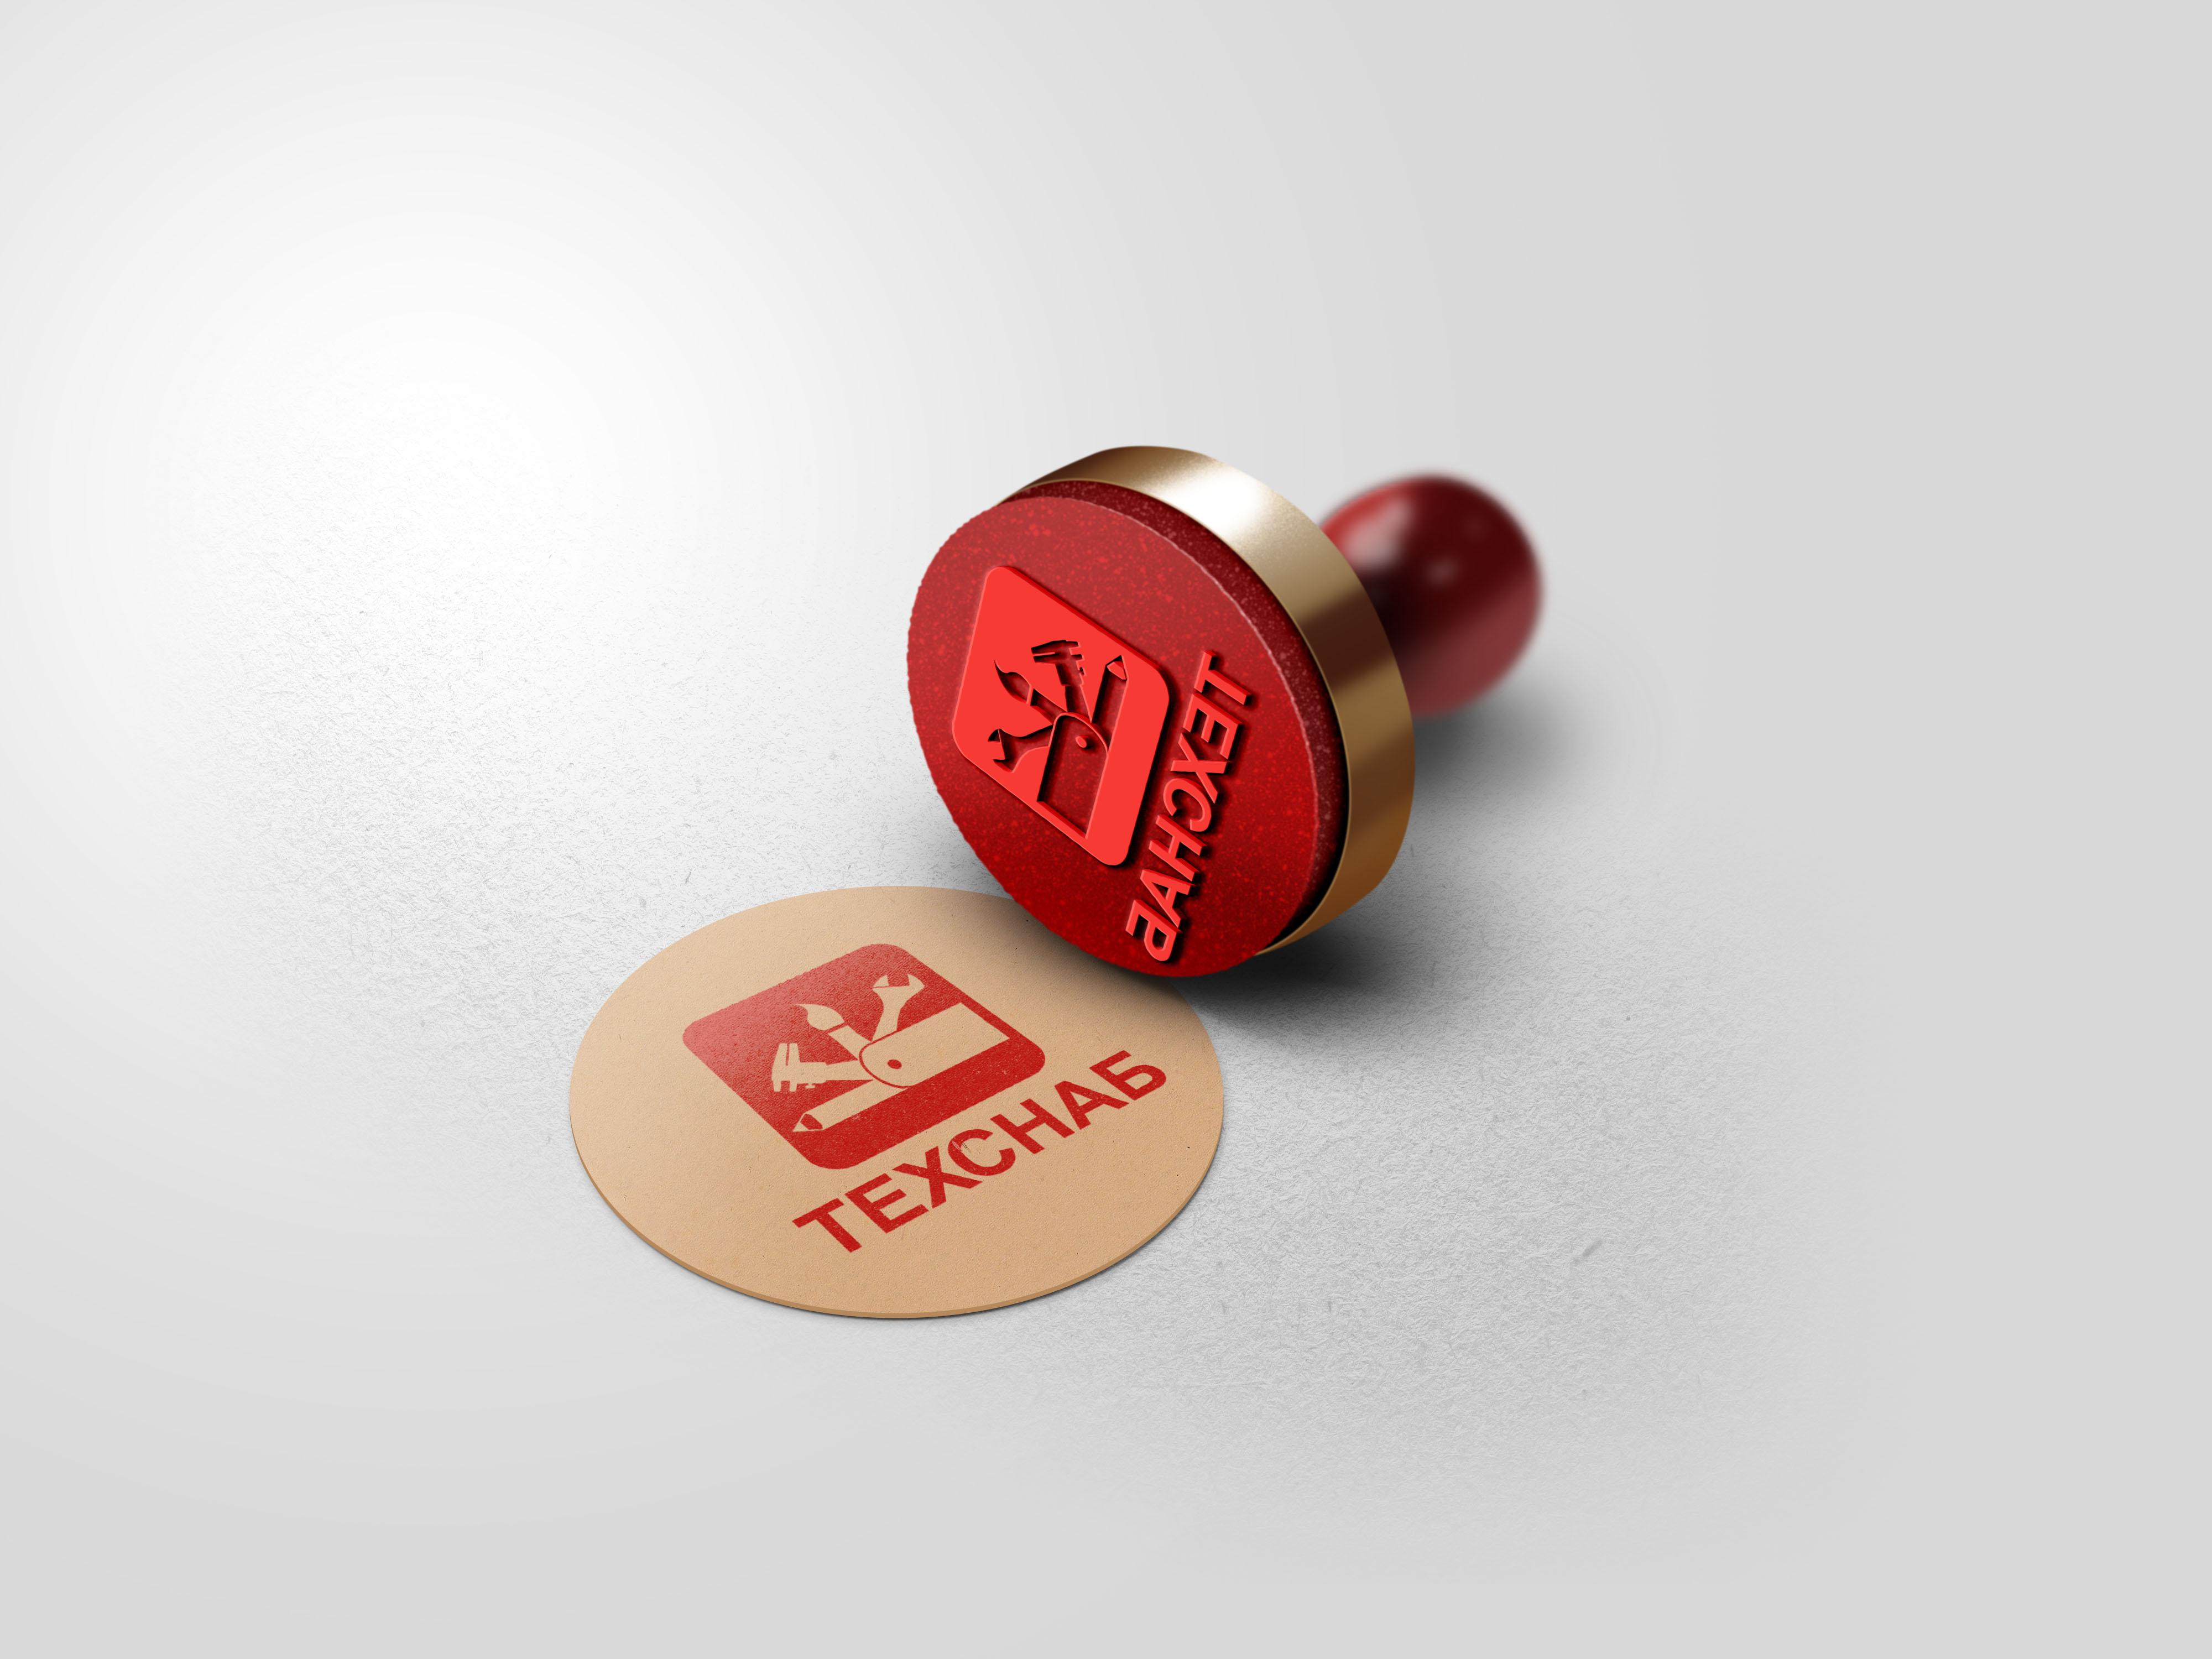 Разработка логотипа и фирм. стиля компании  ТЕХСНАБ фото f_1185b1f79b9e84a2.jpg